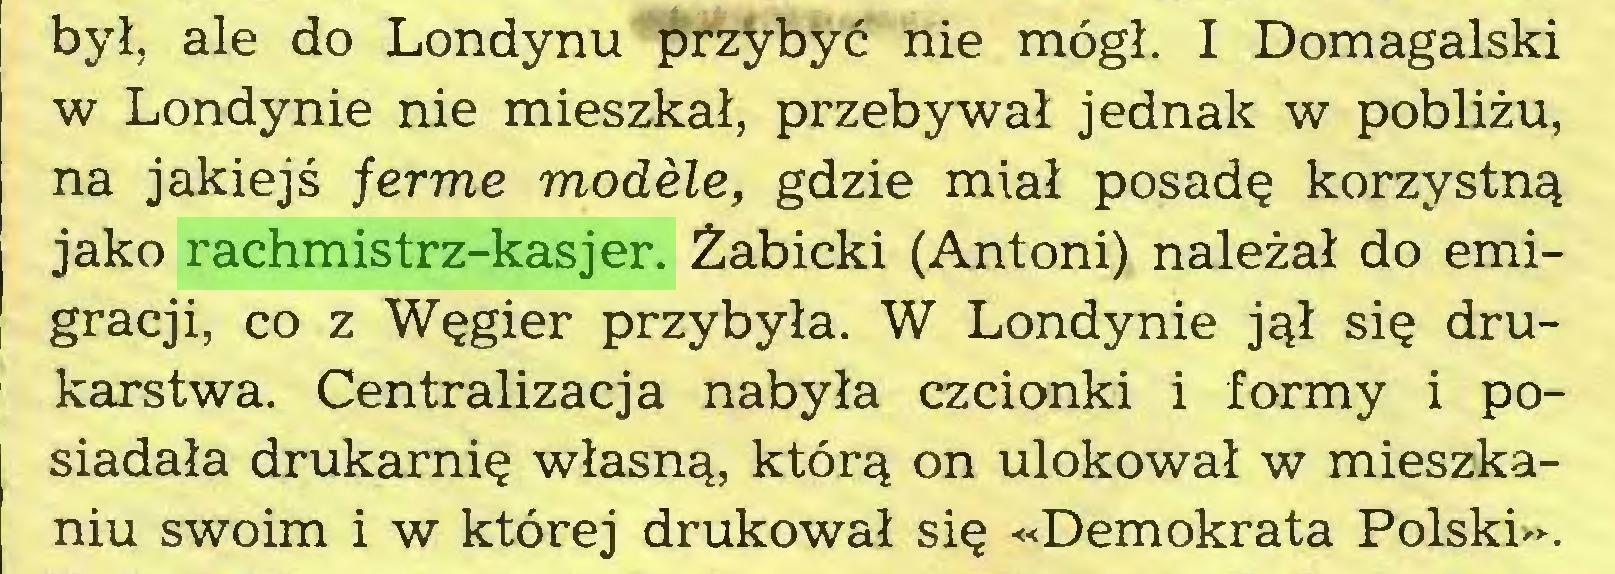 (...) był, ale do Londynu przybyć nie mógł. I Domagalski w Londynie nie mieszkał, przebywał jednak w pobliżu, na jakiejś ferme modele, gdzie miał posadę korzystną jako rachmistrz-kasjer. Żabicki (Antoni) należał do emigracji, co z Węgier przybyła. W Londynie jął się drukarstwa. Centralizacja nabyła czcionki i formy i posiadała drukarnię własną, którą on ulokował w mieszkaniu swoim i w której drukował się «Demokrata Polski»...